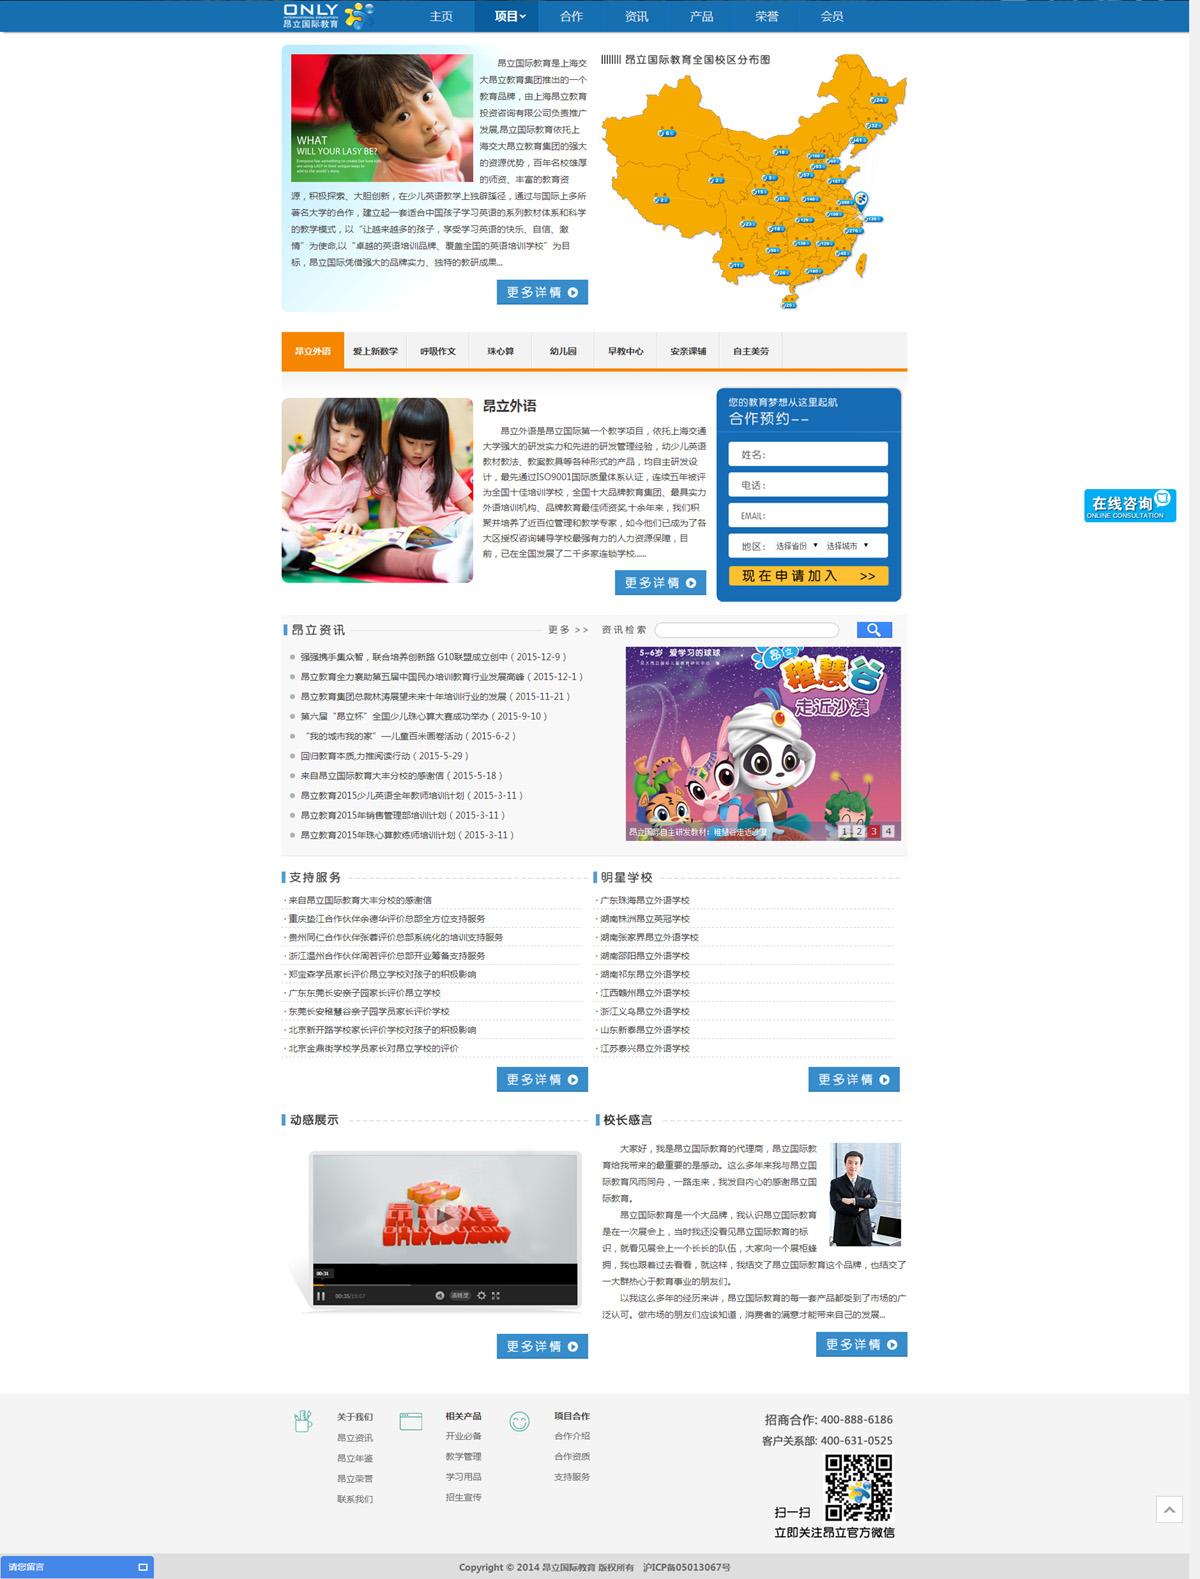 昂立國際教育官網設計建設項目